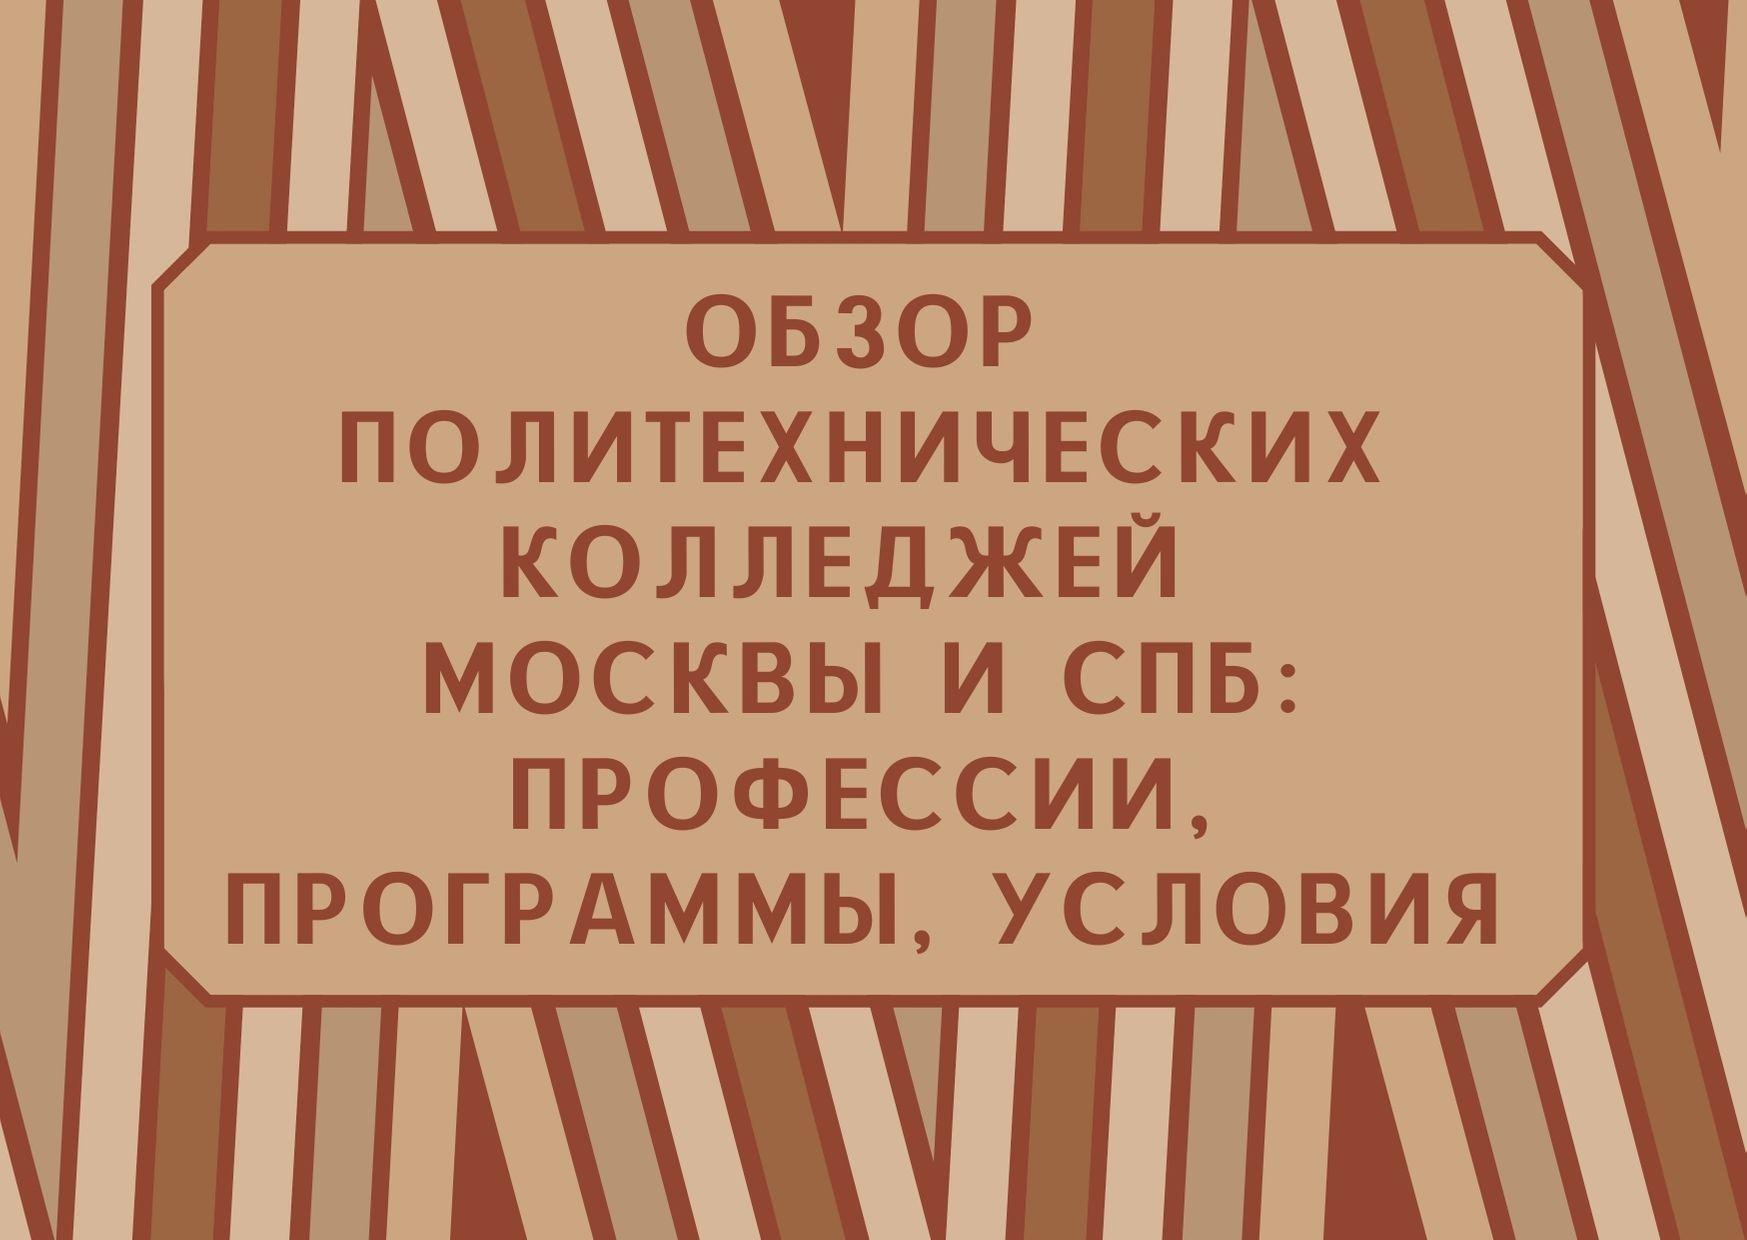 Обзор политехнических колледжей Москвы и СПб: профессии, программы, условия